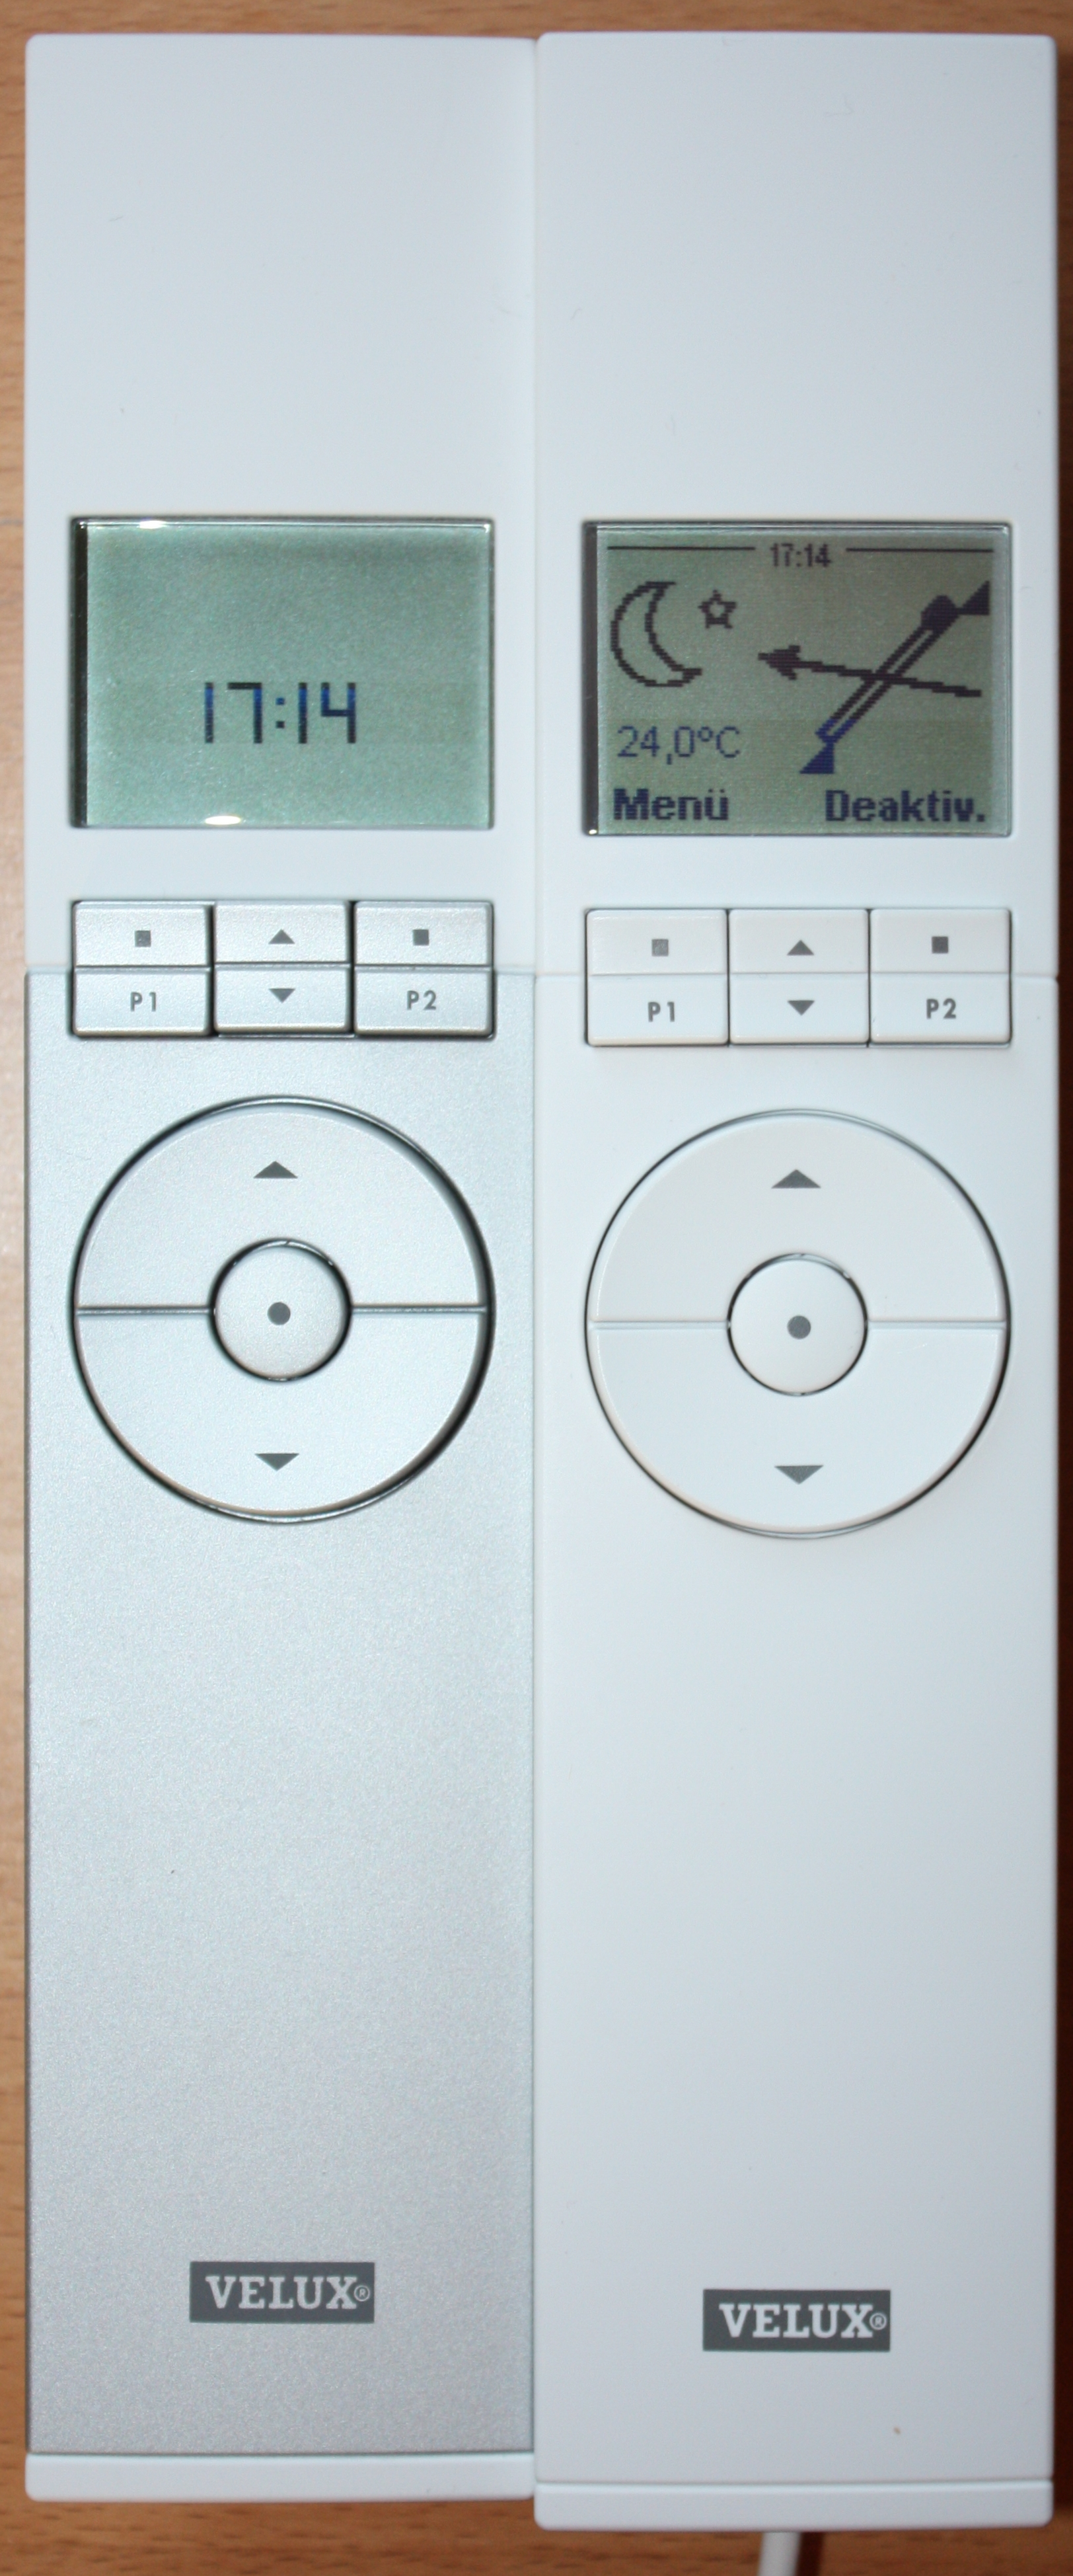 testbericht velux krx 100 active sensor system jens ihnow 39 s blog. Black Bedroom Furniture Sets. Home Design Ideas